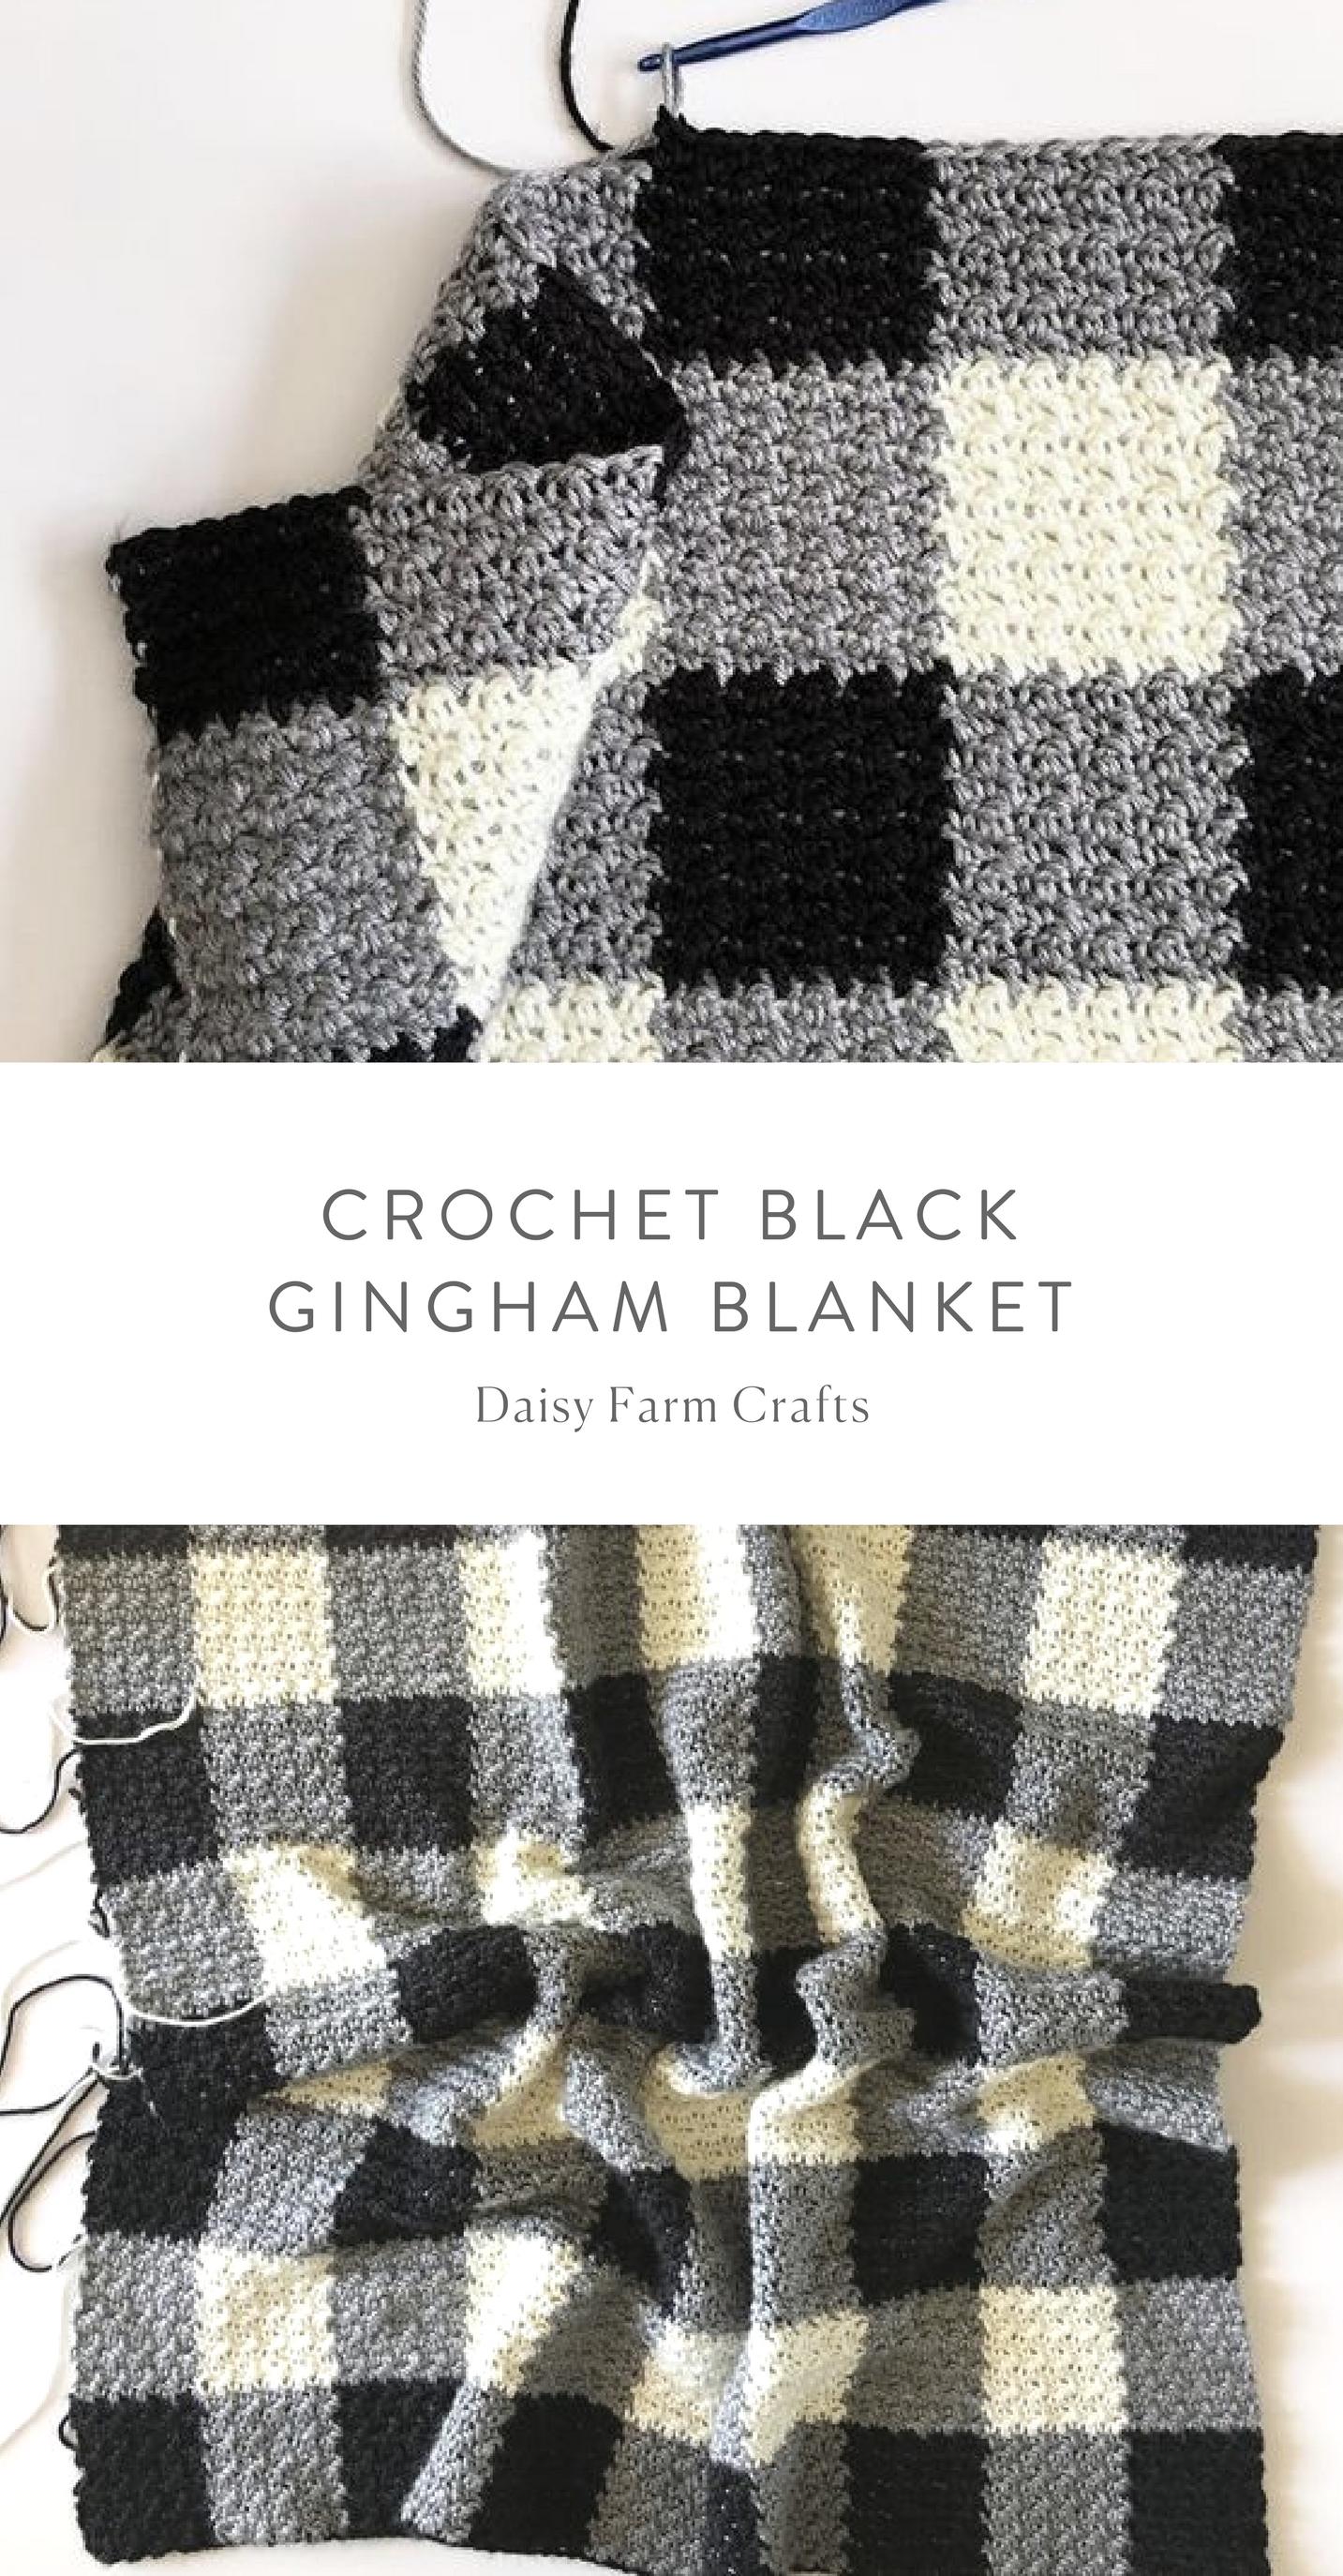 Free Pattern - Crochet Black Gingham Blanket | Crochet | Pinterest ...